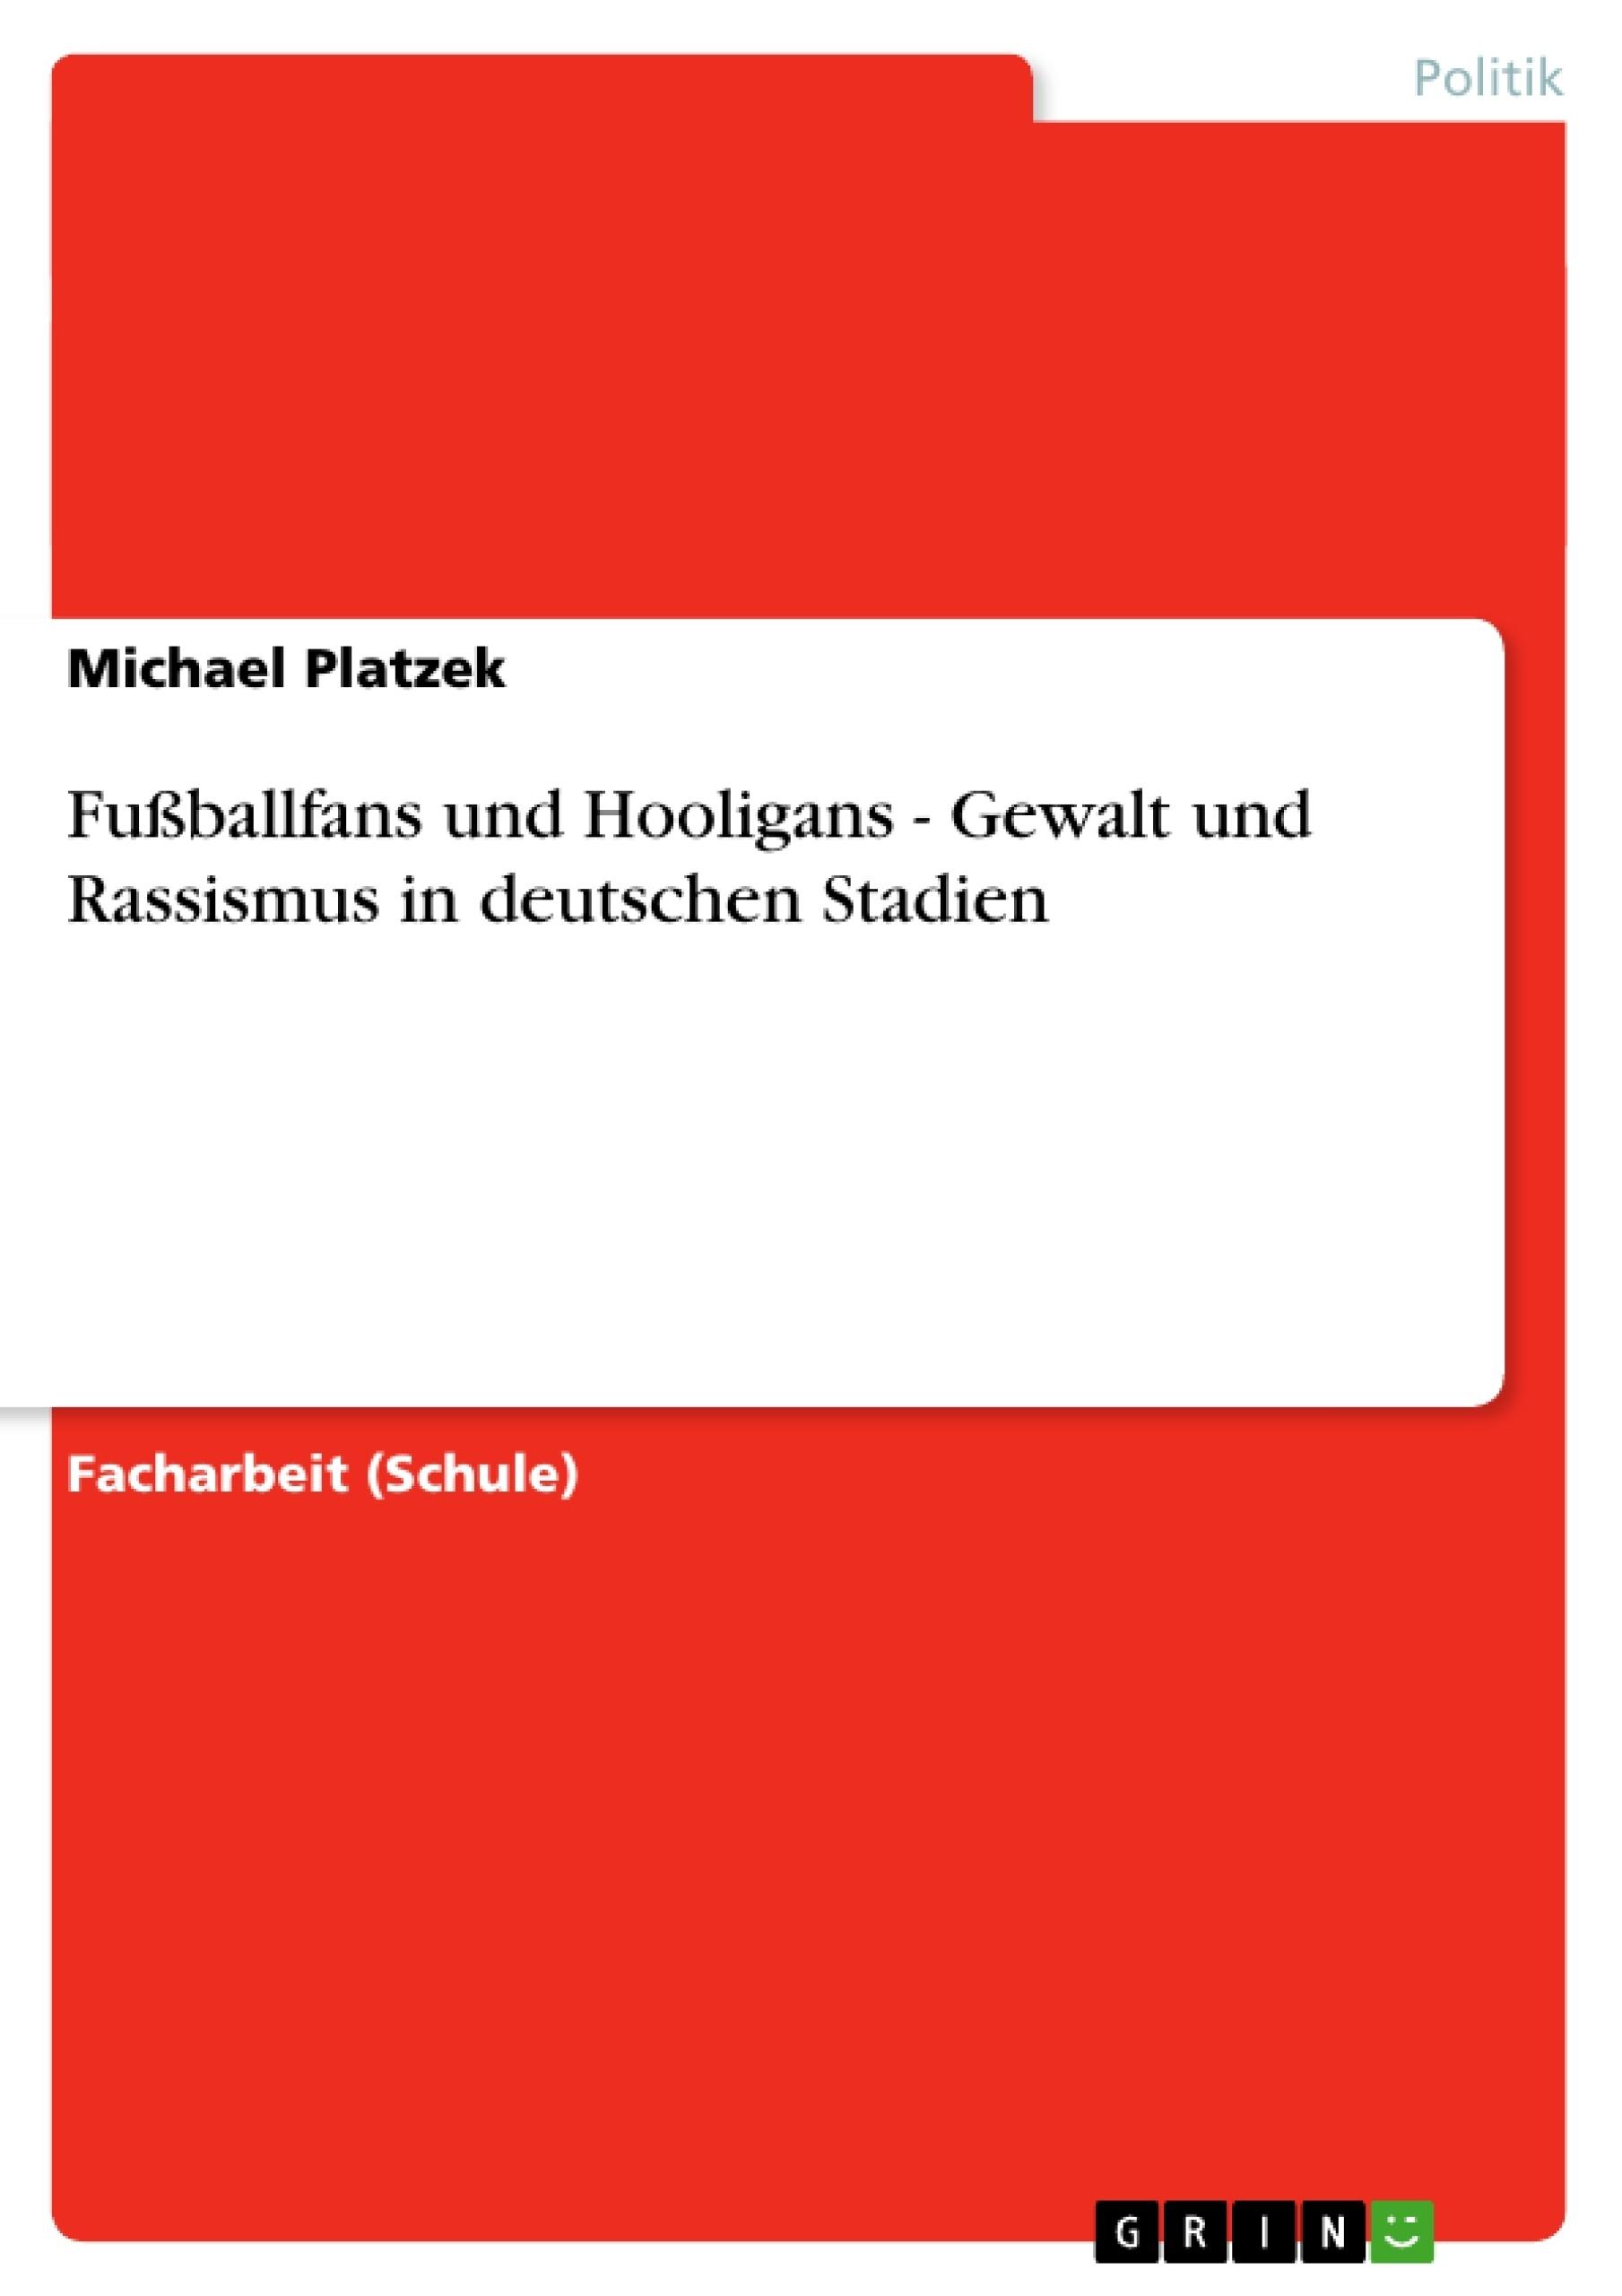 Titel: Fußballfans und Hooligans - Gewalt und Rassismus in deutschen Stadien